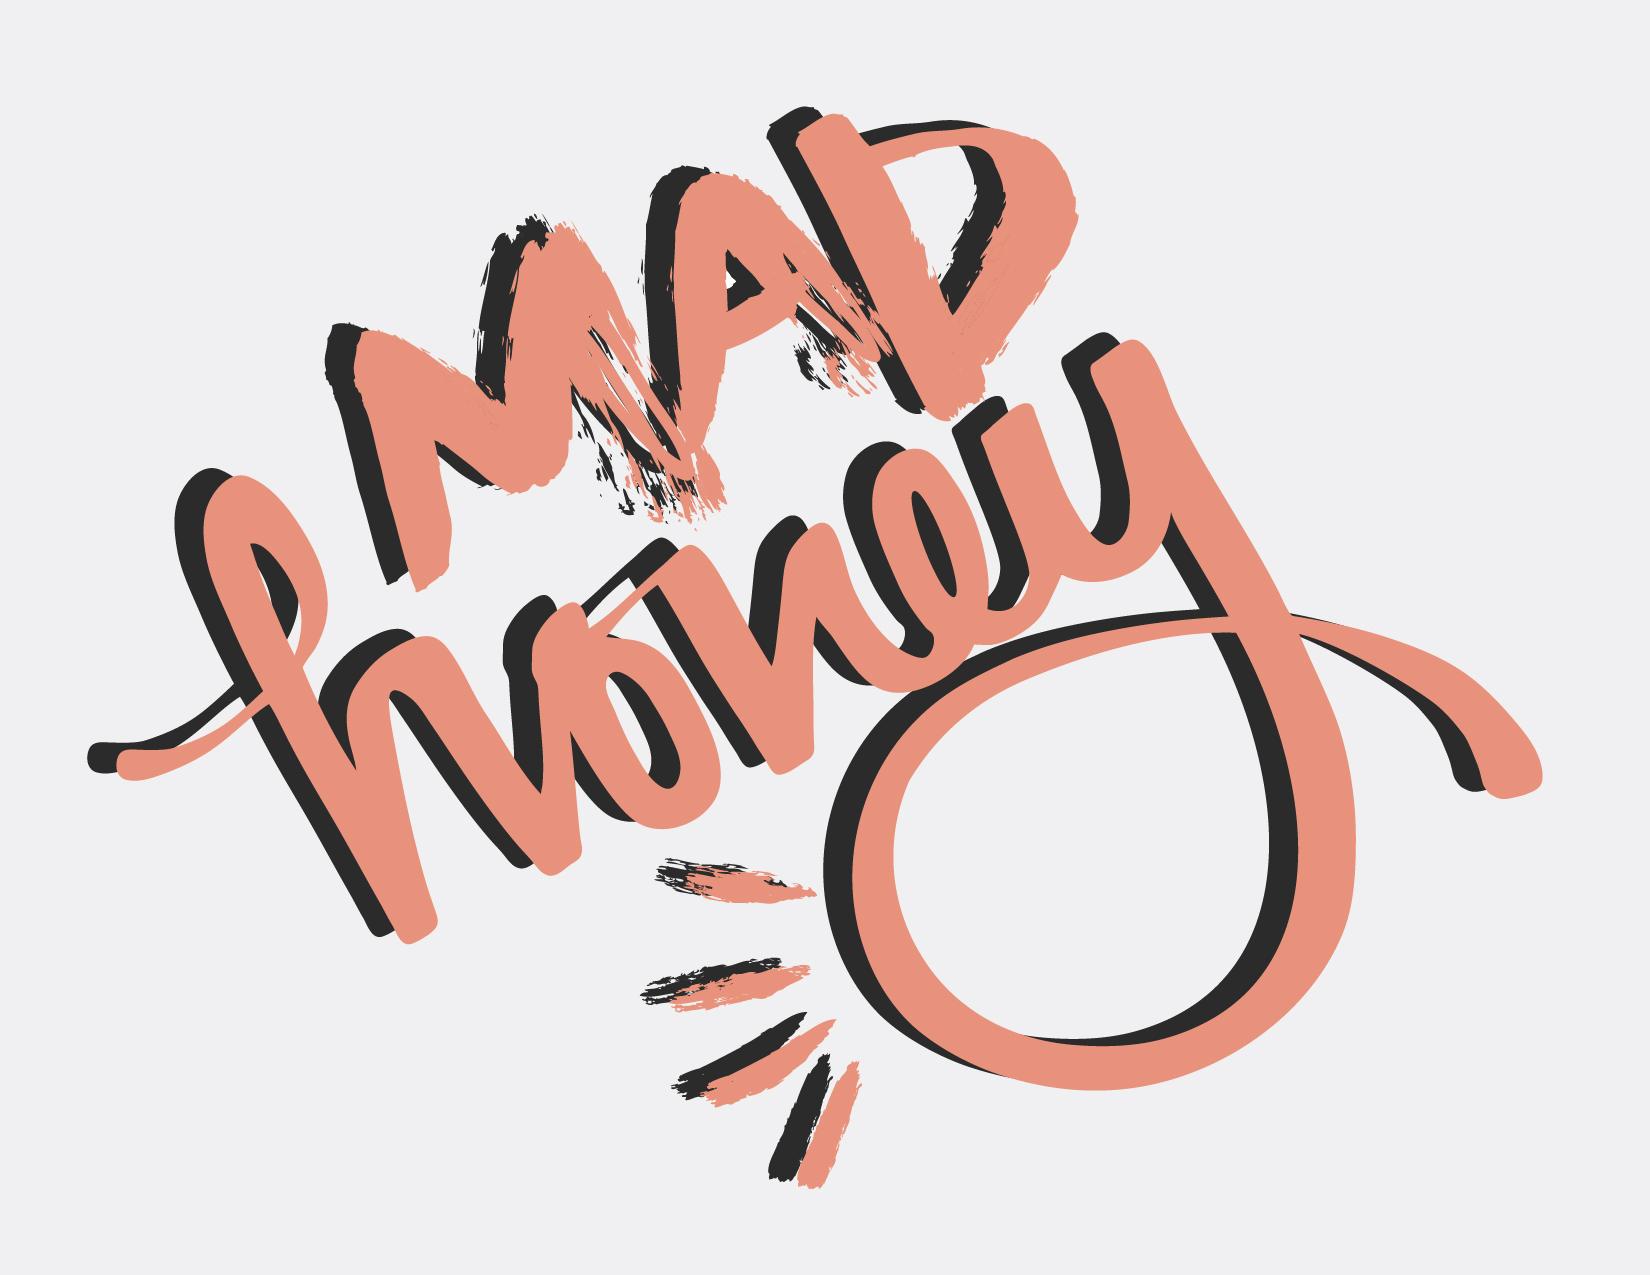 MAD HONEY